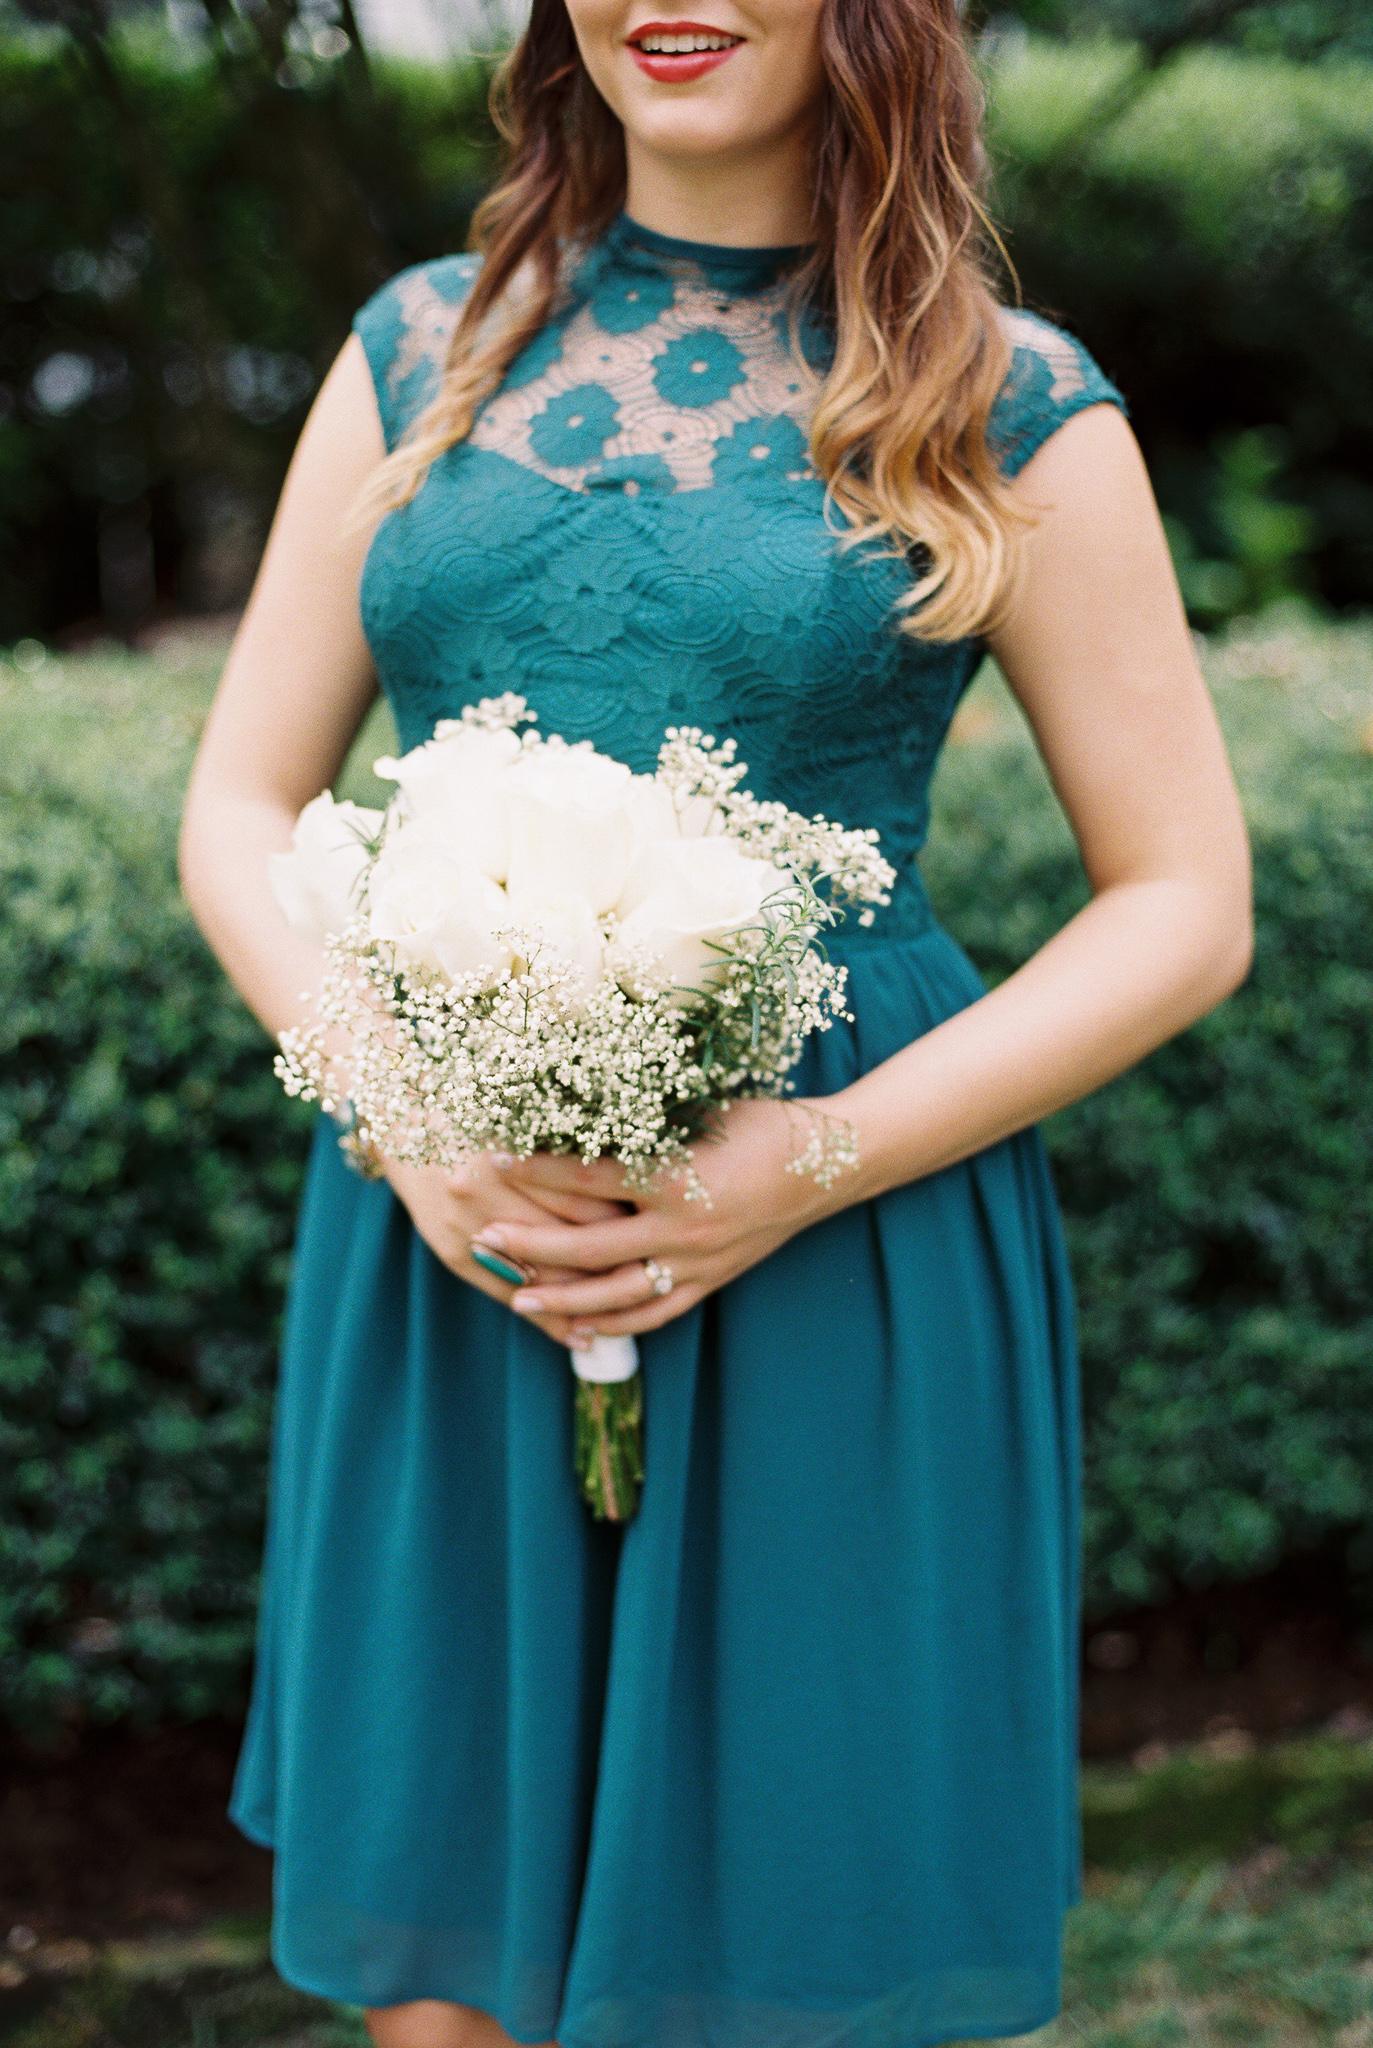 modcloth-teal-bridesmaids-dress